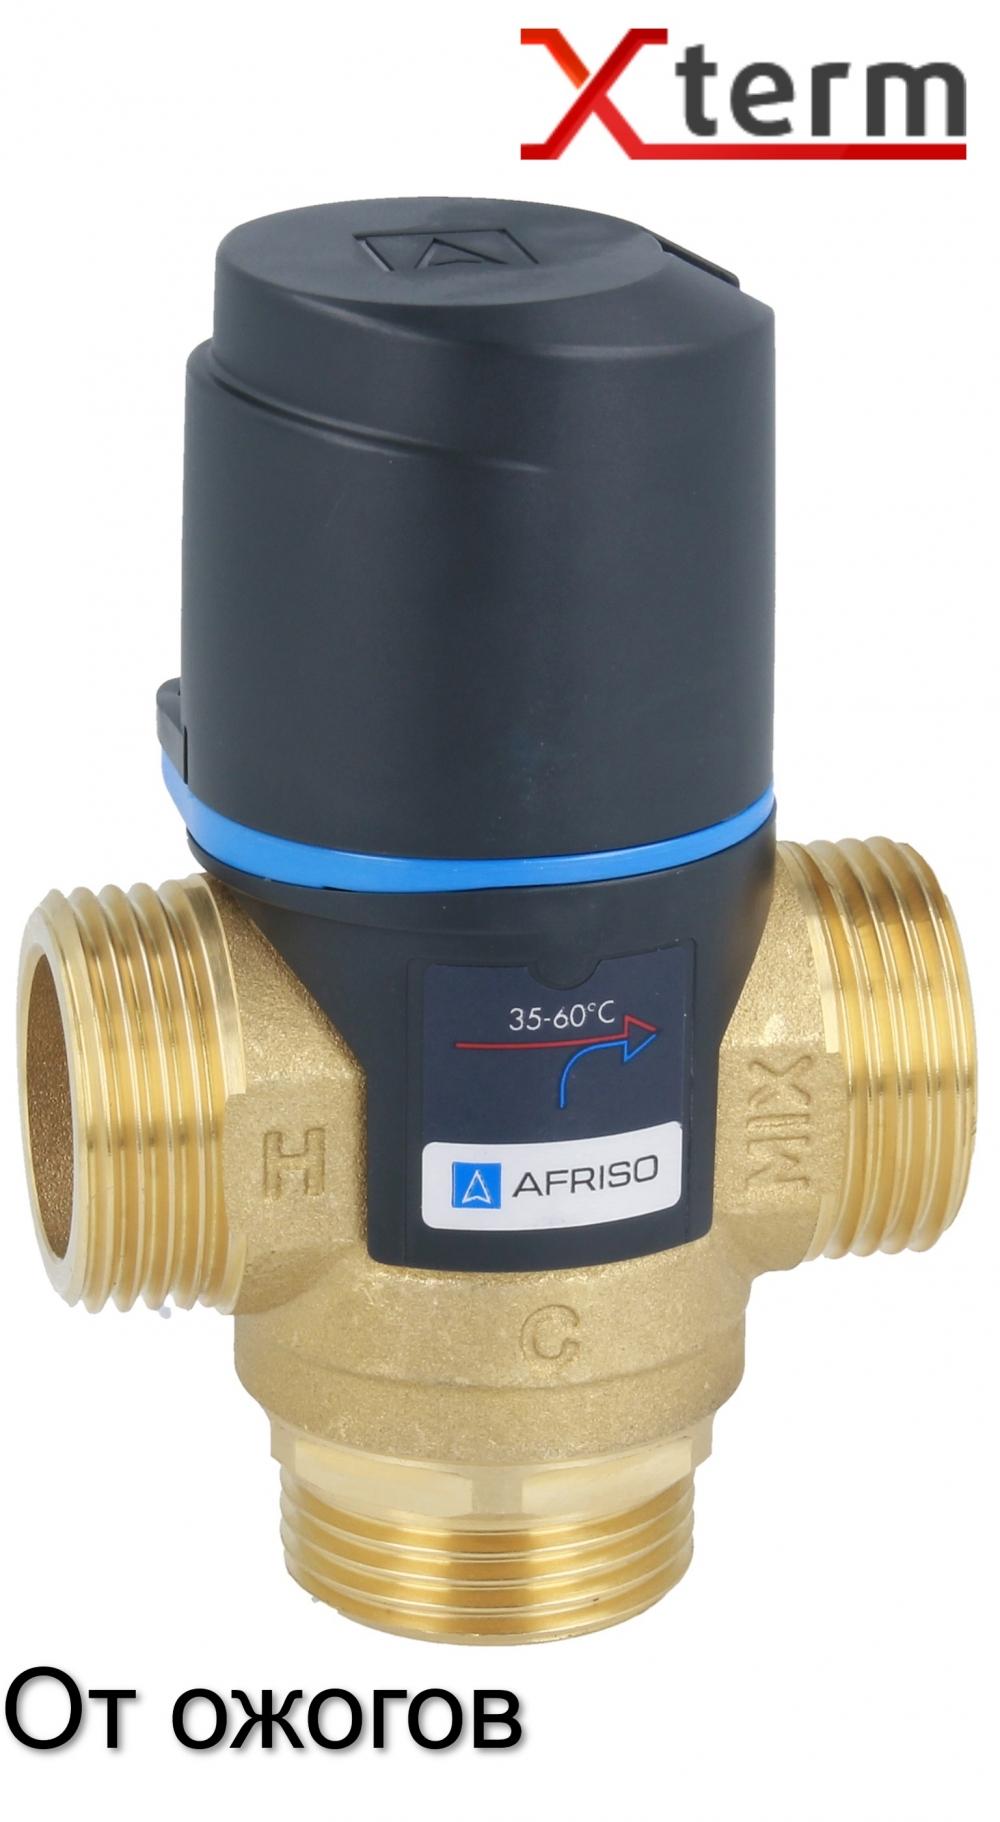 """Термостатический клапан 1"""" Afriso ATM363 с защитой от ожогов для ГВС T=35-60°C G 1"""" DN20 Kvs 1,6 1236310 - 4"""